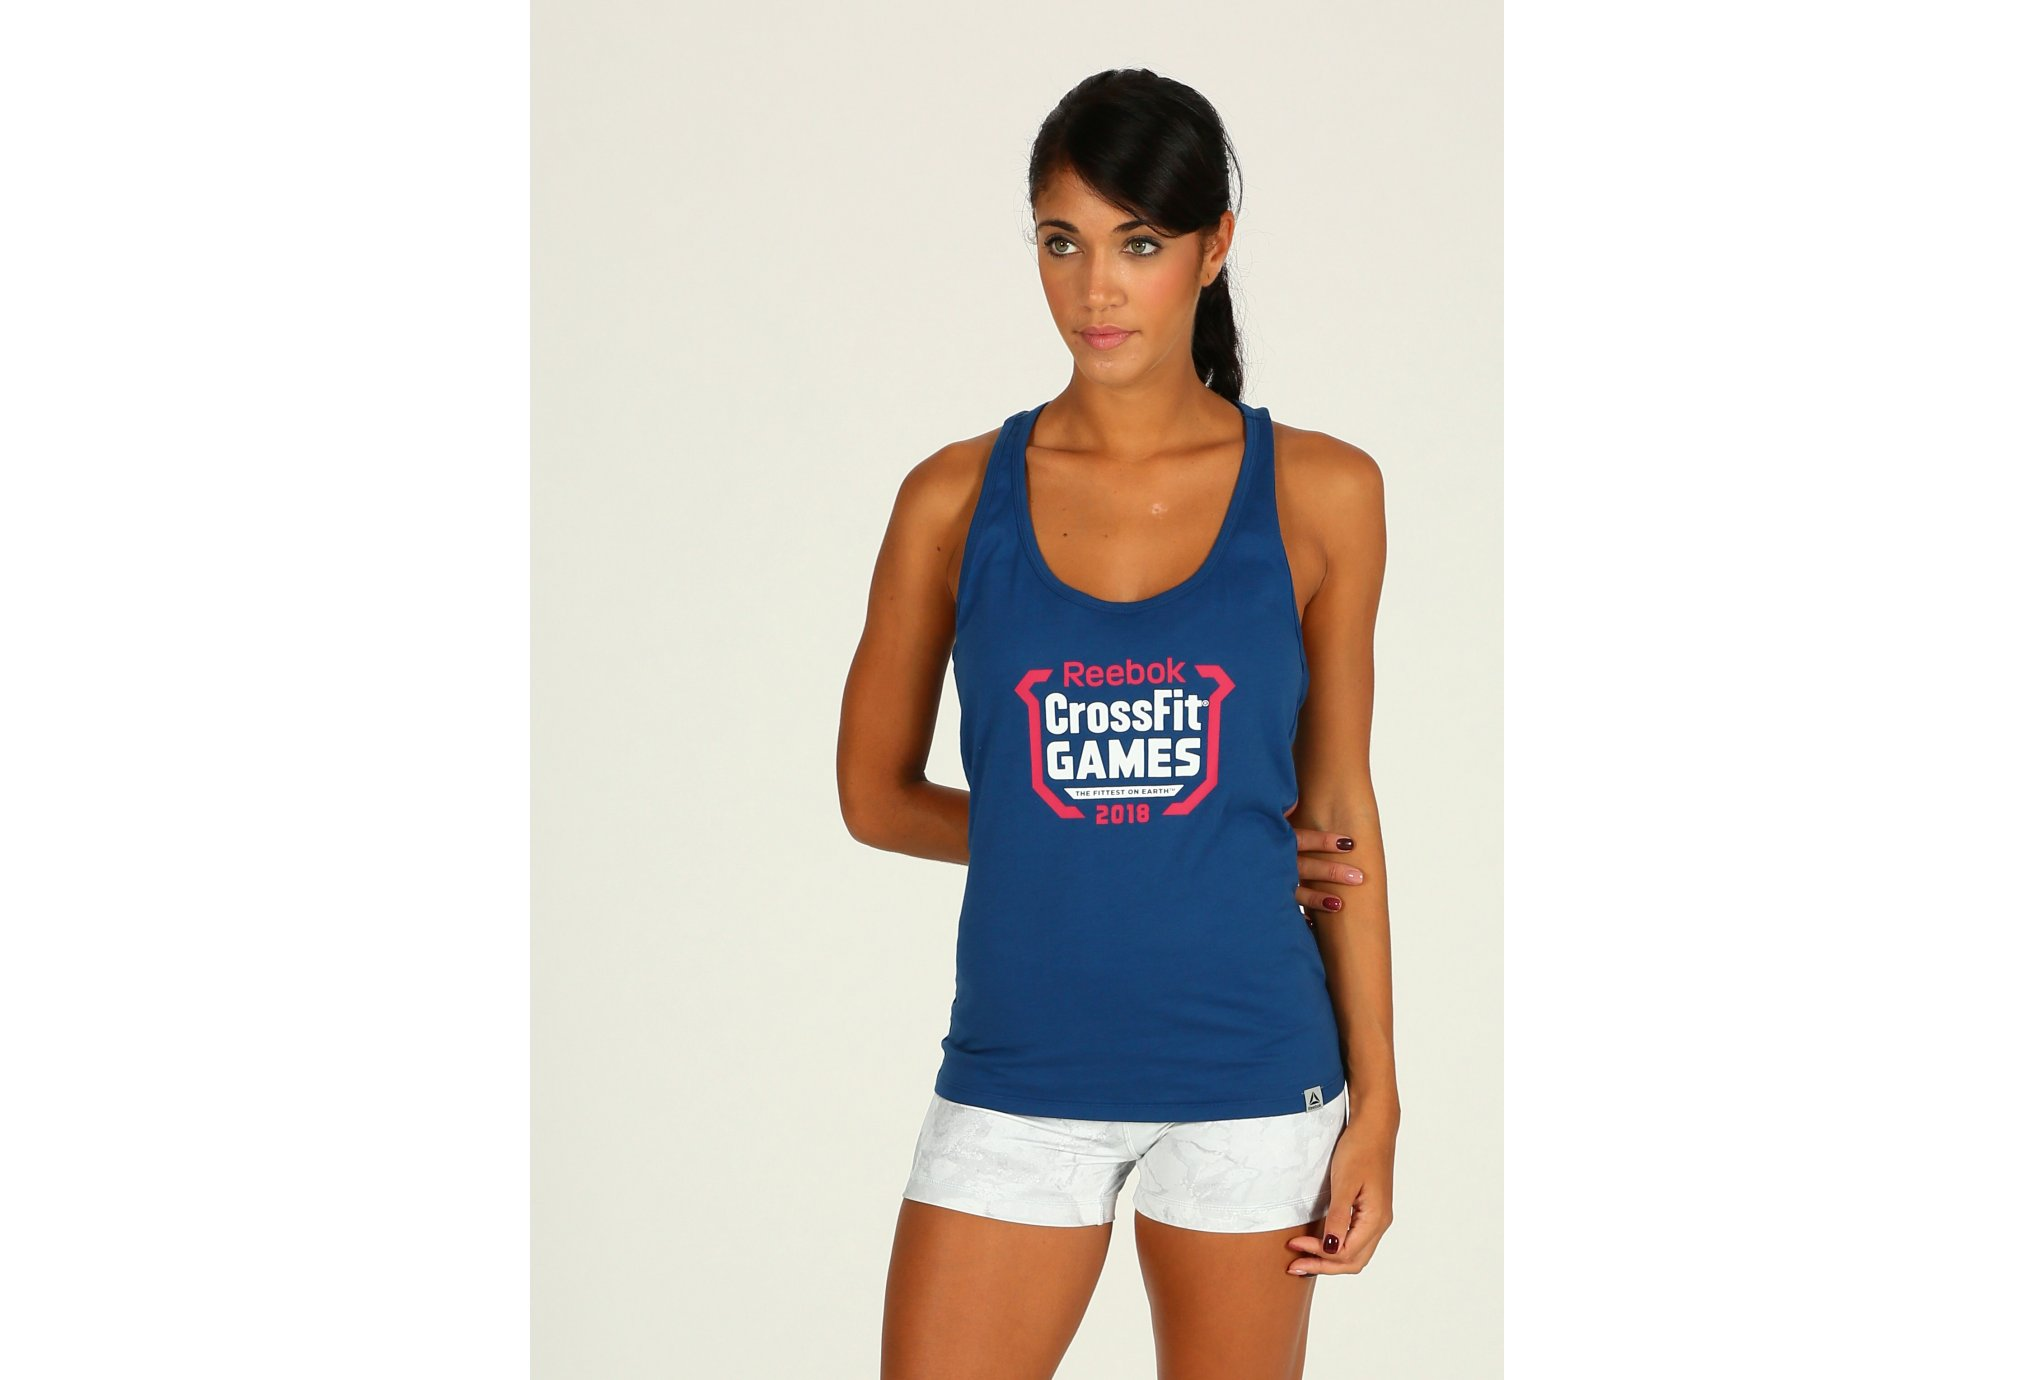 Reebok Crossfit Games Crest W Diététique Vêtements femme